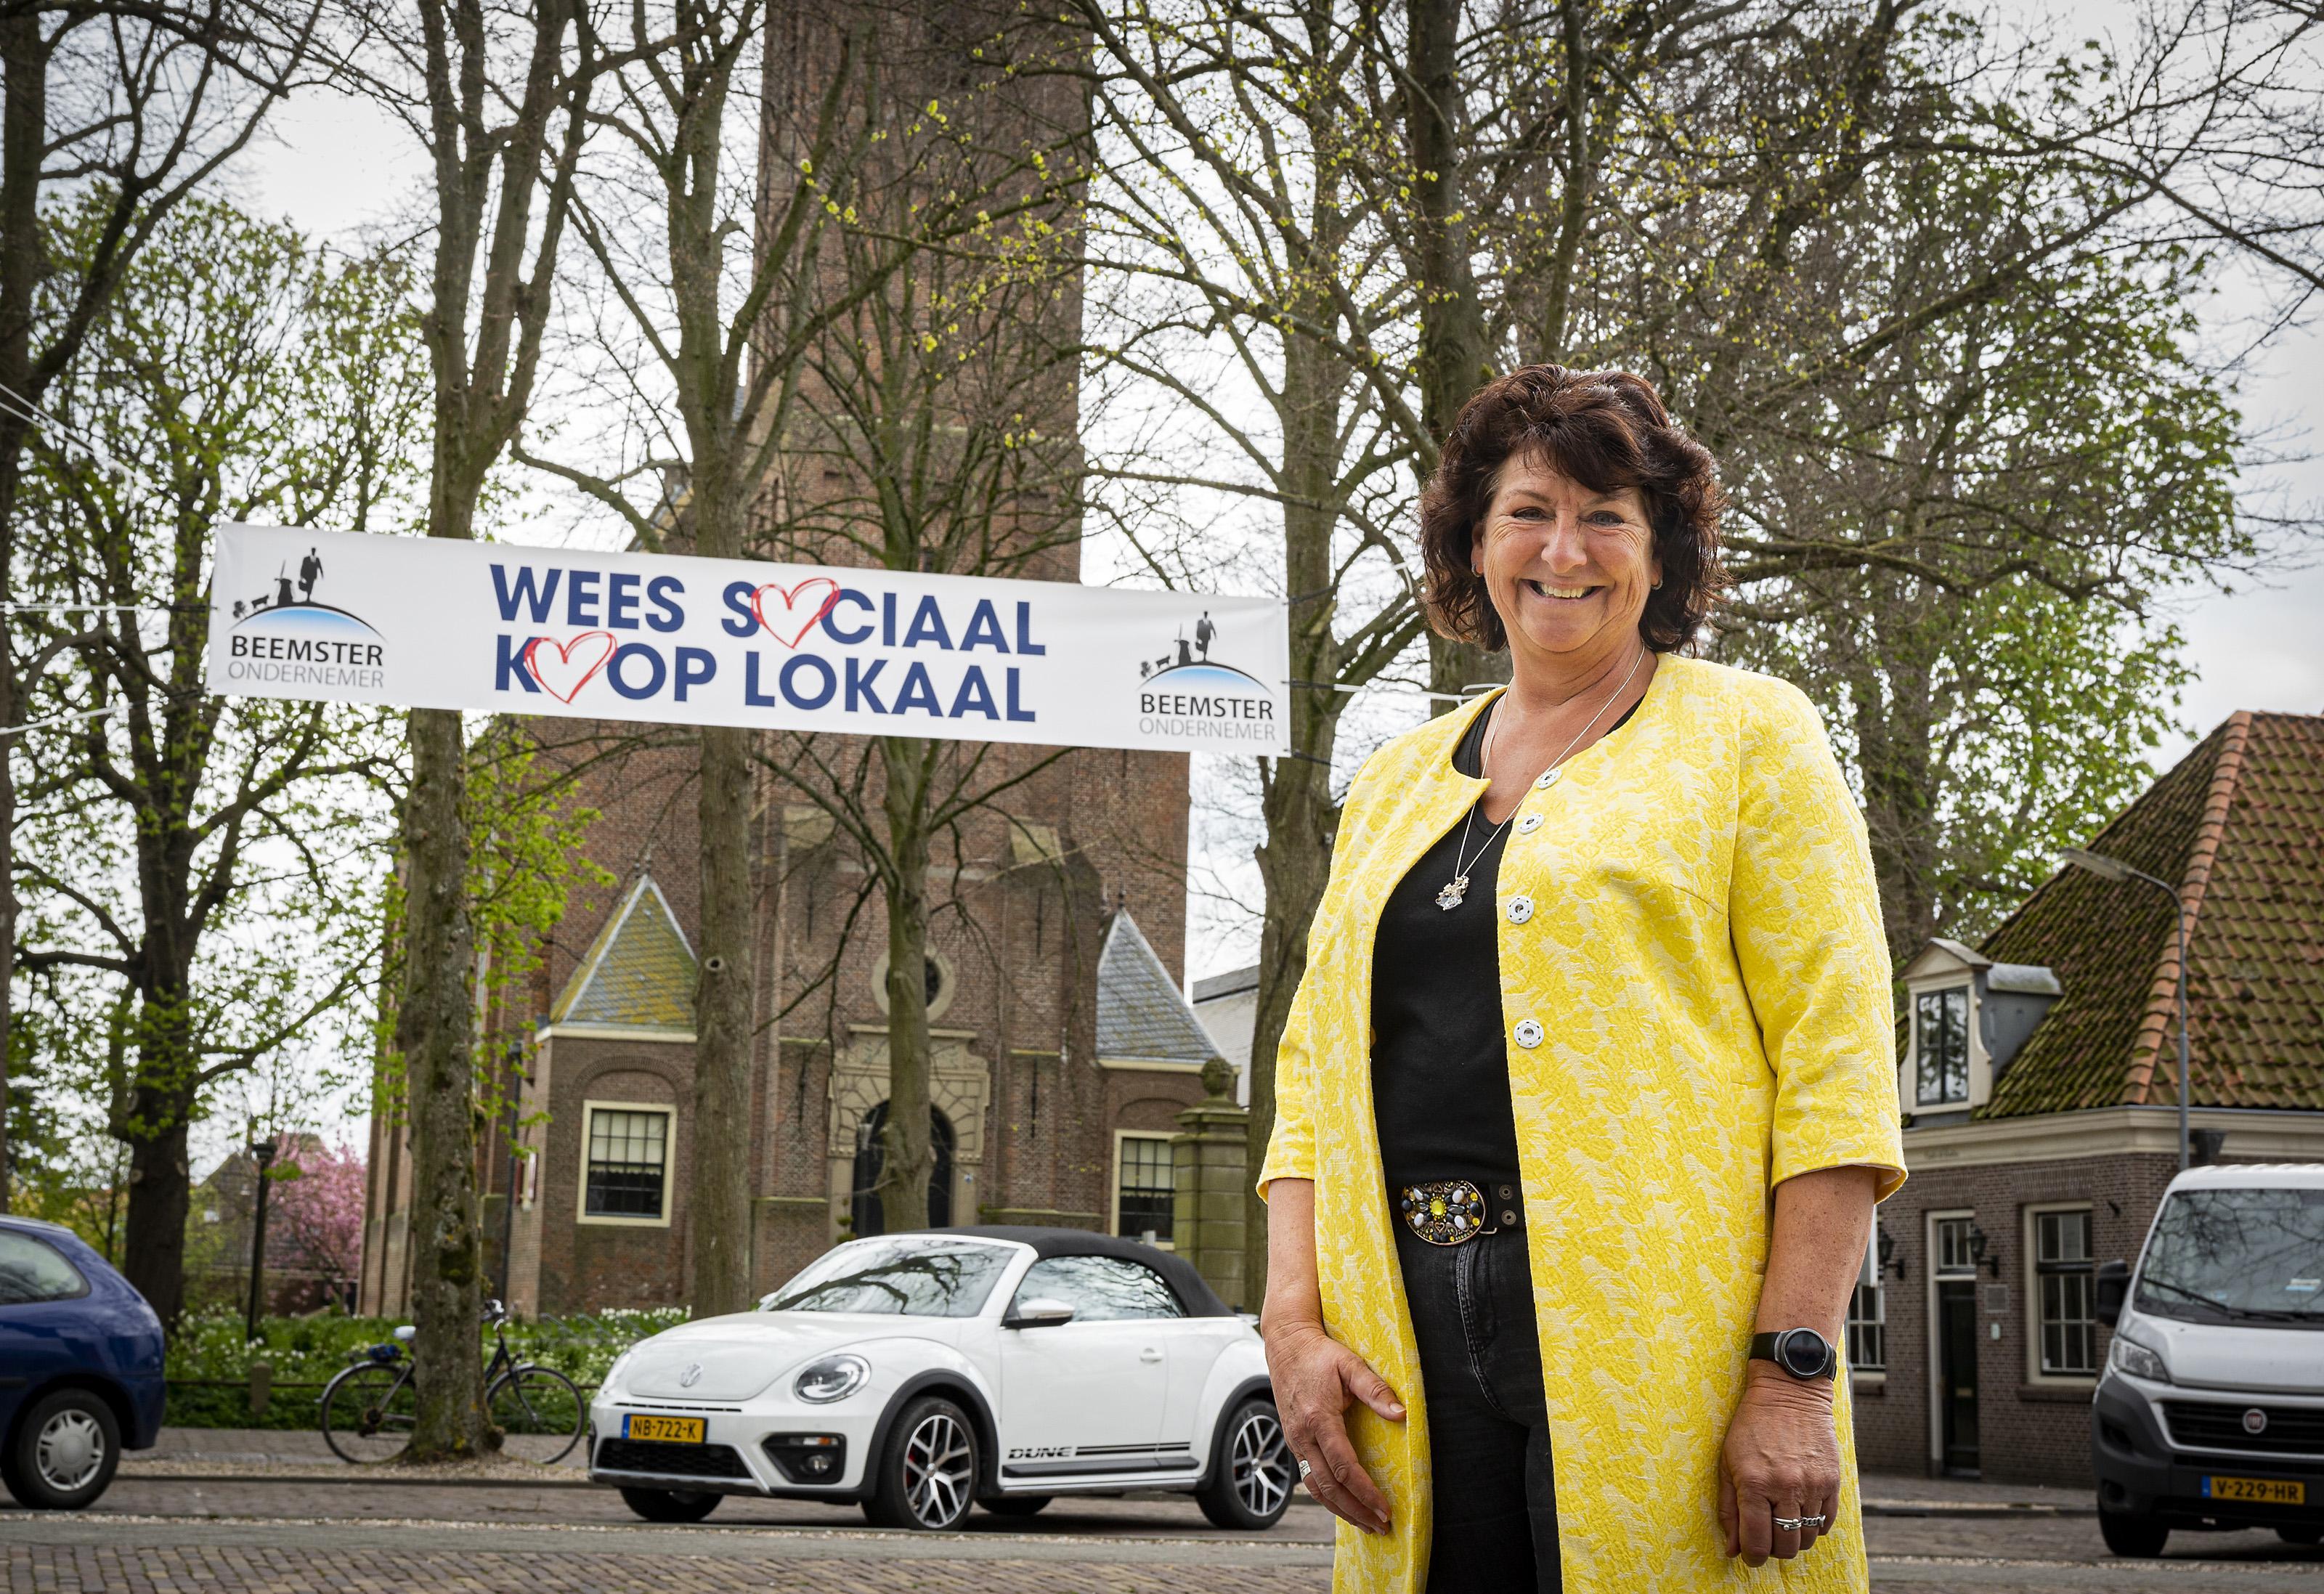 Koop lokaal! Beemster Ondernemers steekt bedrijven met spandoekenactie een hart onder de riem